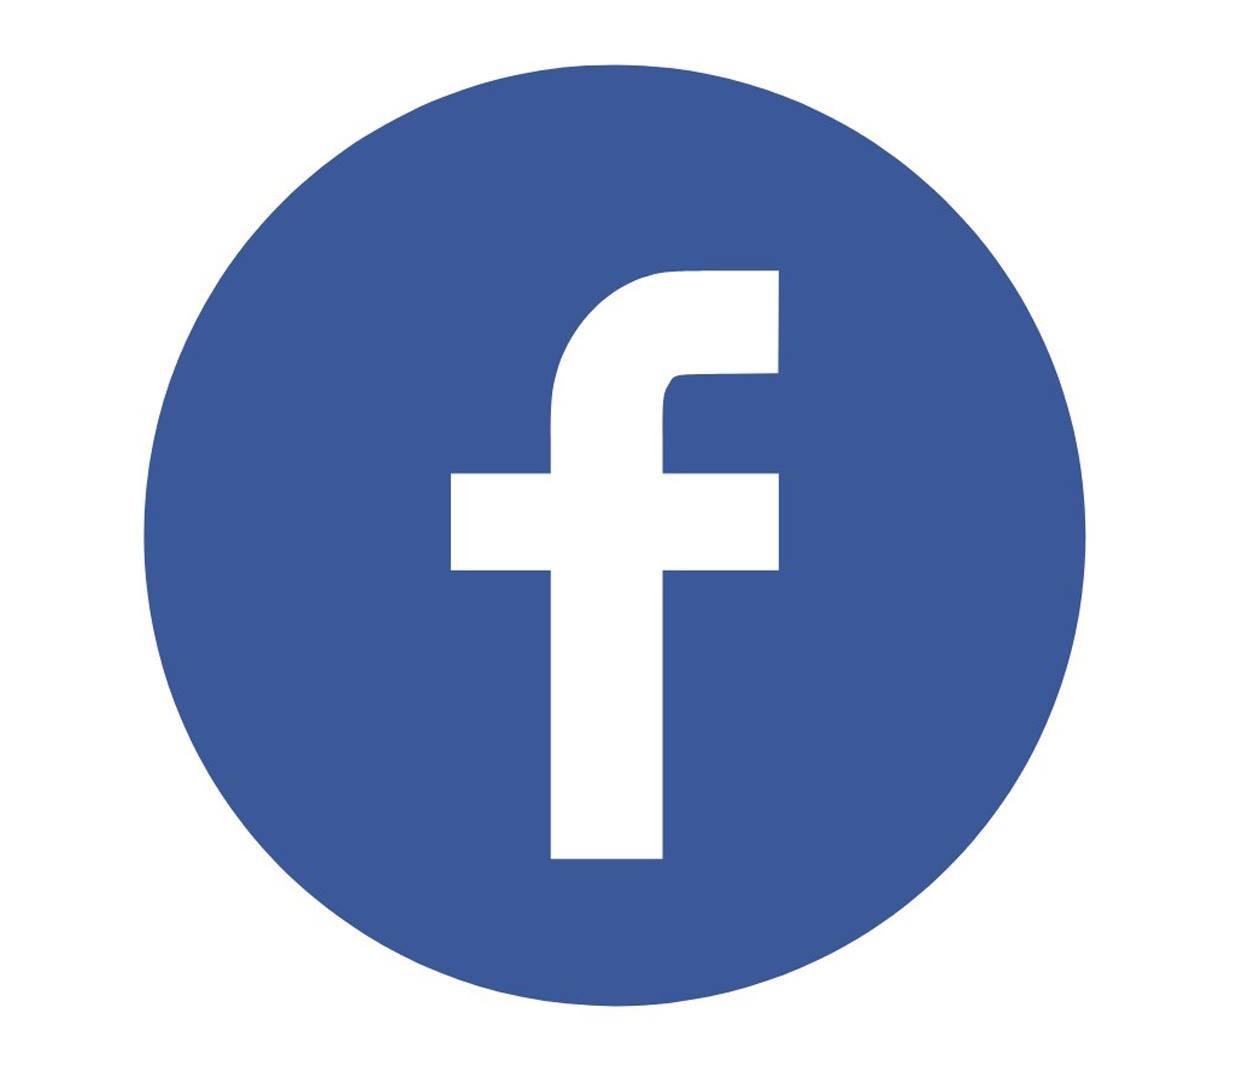 Beyazli group réseaux sociaux